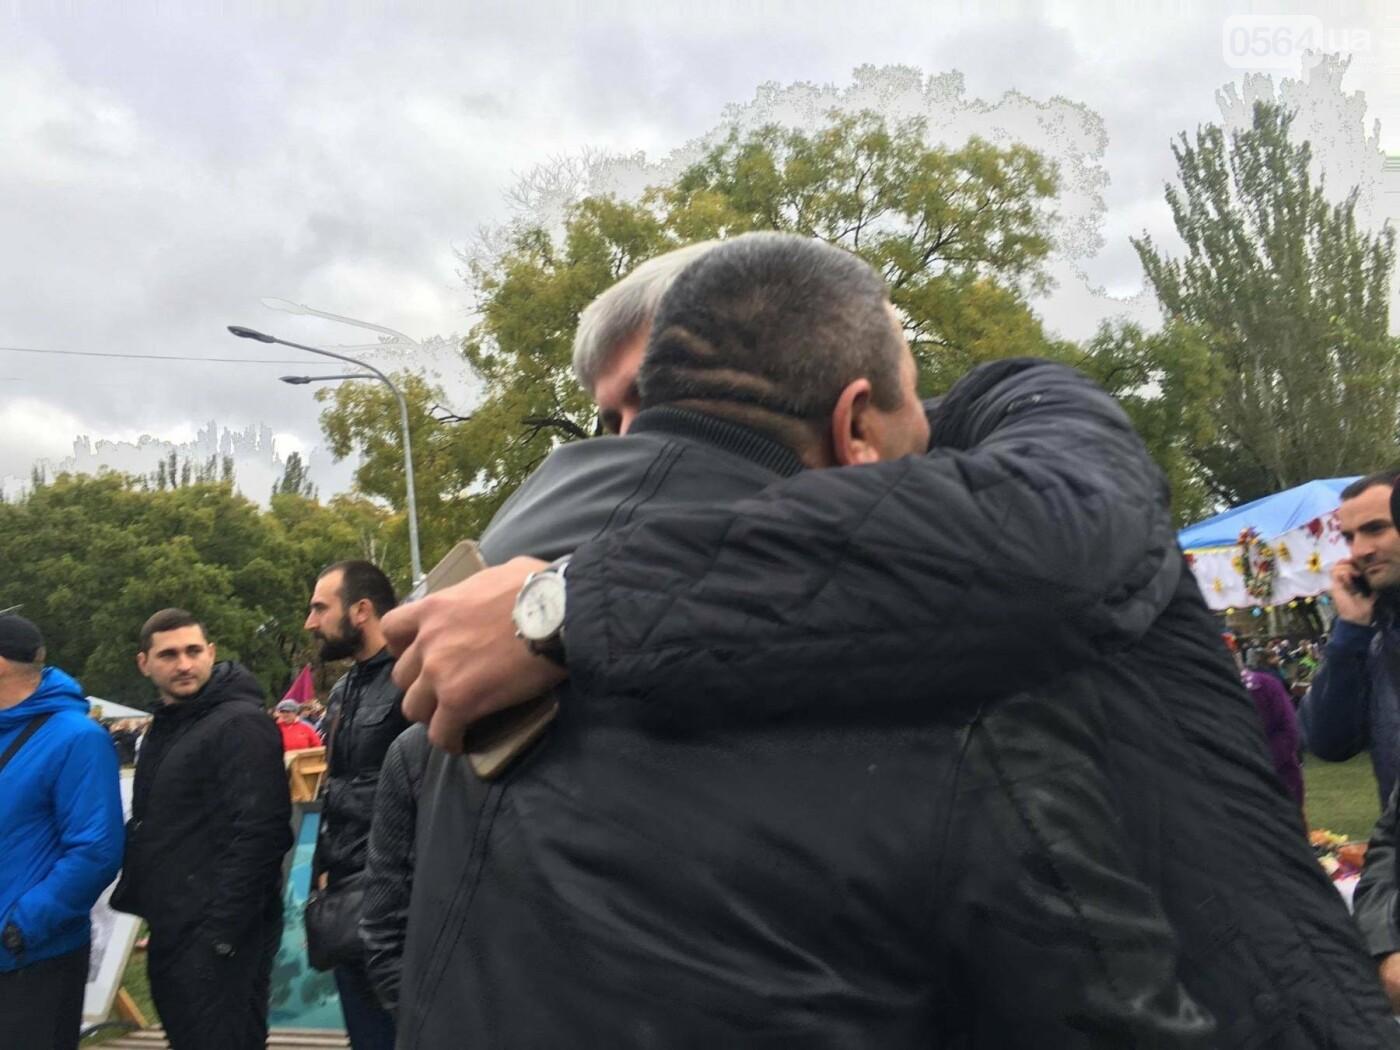 Тысячи криворожан отмечают День украинского козачества на Фестивале в парке Героев (ФОТО, ВИДЕО), фото-11